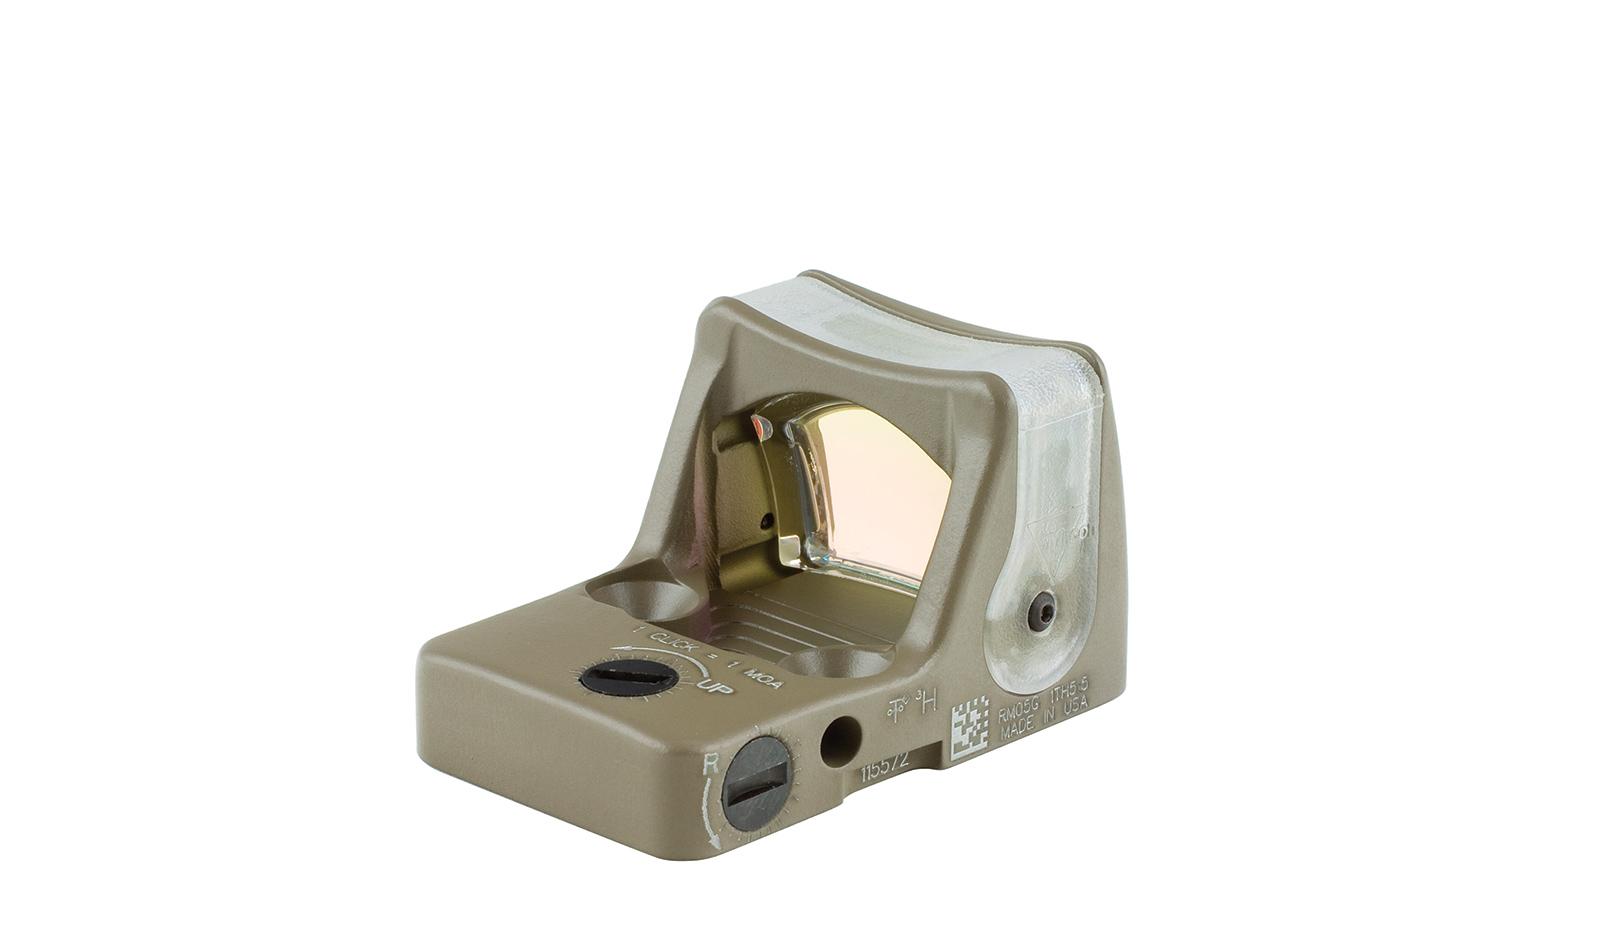 RM08-C-700258 angle 5